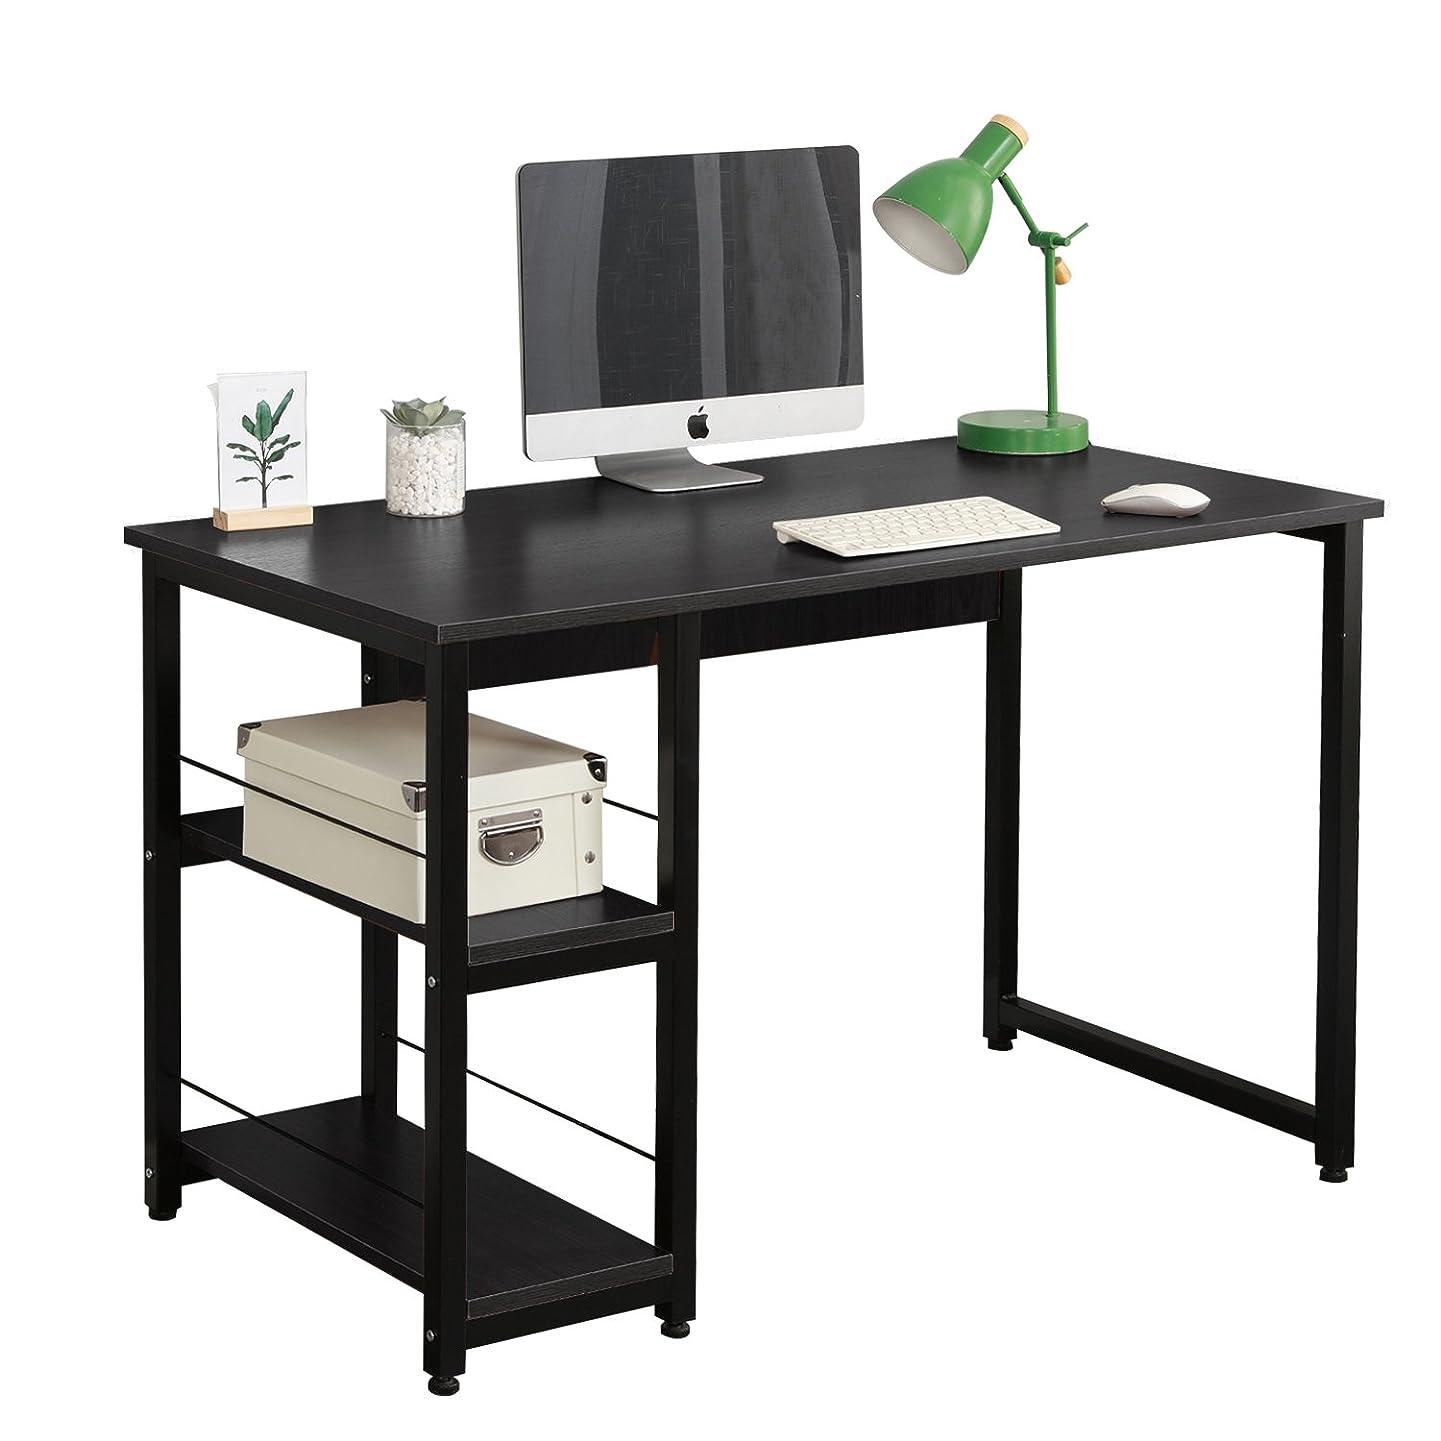 衣服西部しなければならないsoges パソコンデスク 幅120cm サイドラック 棚 本棚 プリンター 置き場 PCデスク ワークデスク パソコンラック オフィスデスク 作業机 勉強机 PC机 パソコン机 テーブル ラック付き 棚付き 机 デスク desk 金属 おしゃれ